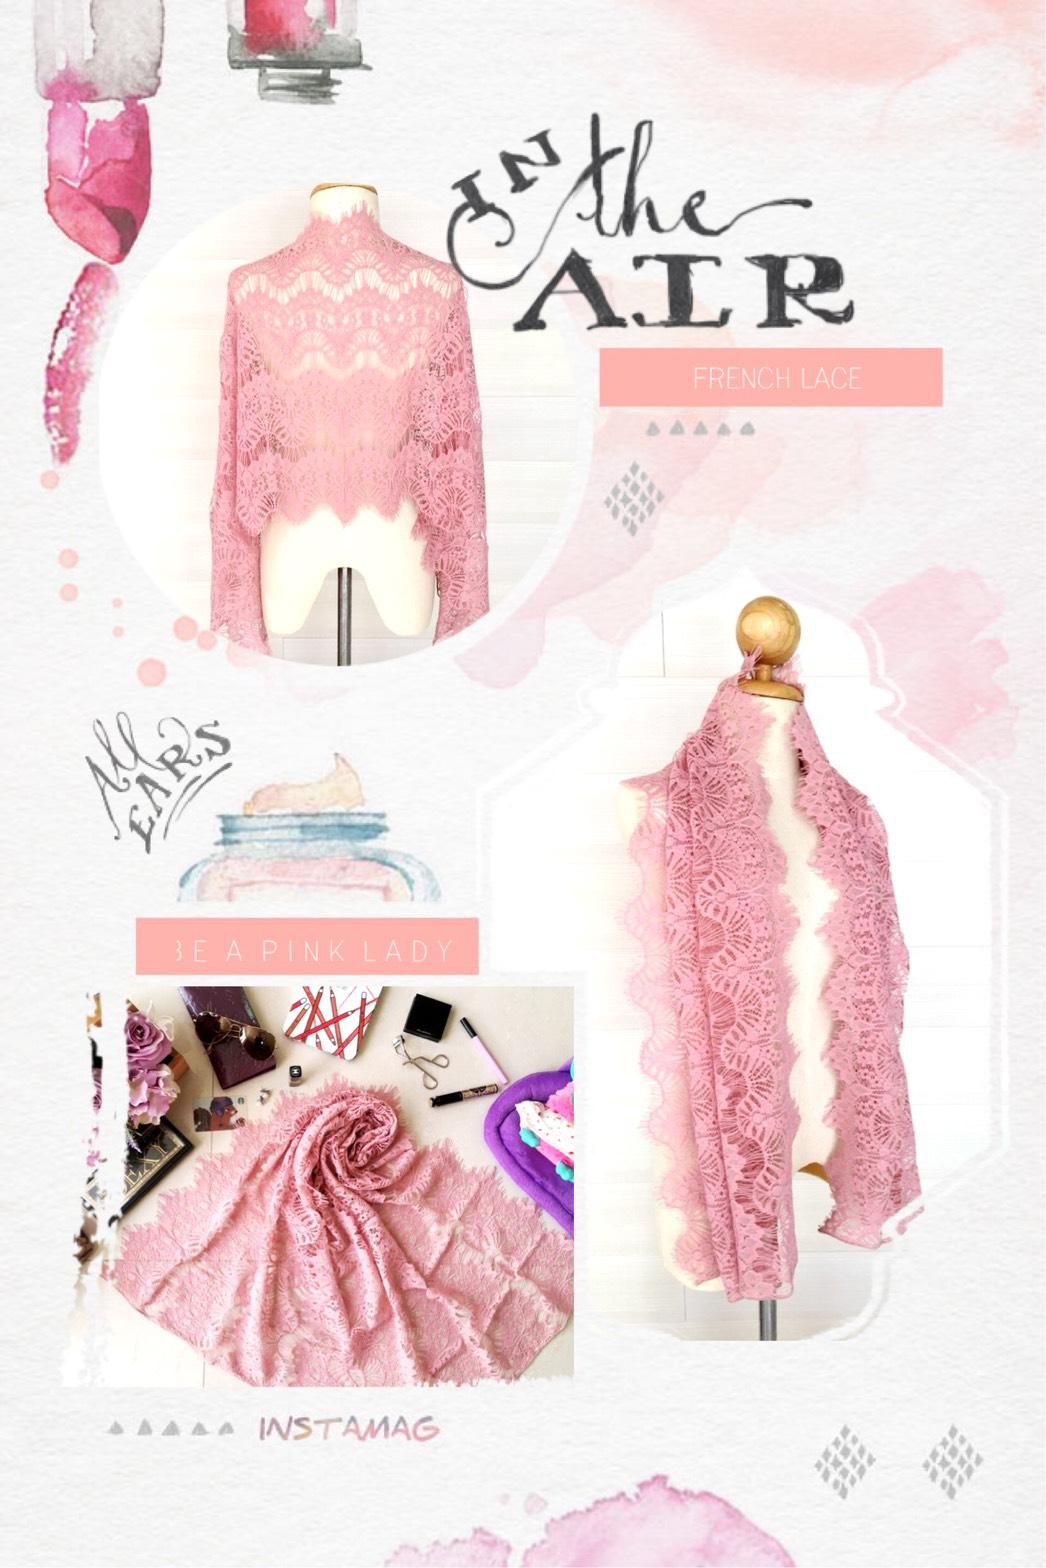 ผ้าคลุมไหล่ พร้อมกล่องของขวัญ รุ่น Delicated French Lace in Lotus Pink (Size M) ผ้าพันคอ ผ้าคลุมไหล่ลูกไม้ฝรั่งเศสสีชมพูกลีบบัว สีสวยมาก งานอลังการ สวยหรู เพอร์เฟคสุดๆ ลายเส้นลายดอกไม้มีช่องระหว่างกัน สวยงาม สามารถคลุมไปออกงานได้อย่างเก๋ๆ เลยค่ะ ผ้าพันคอ